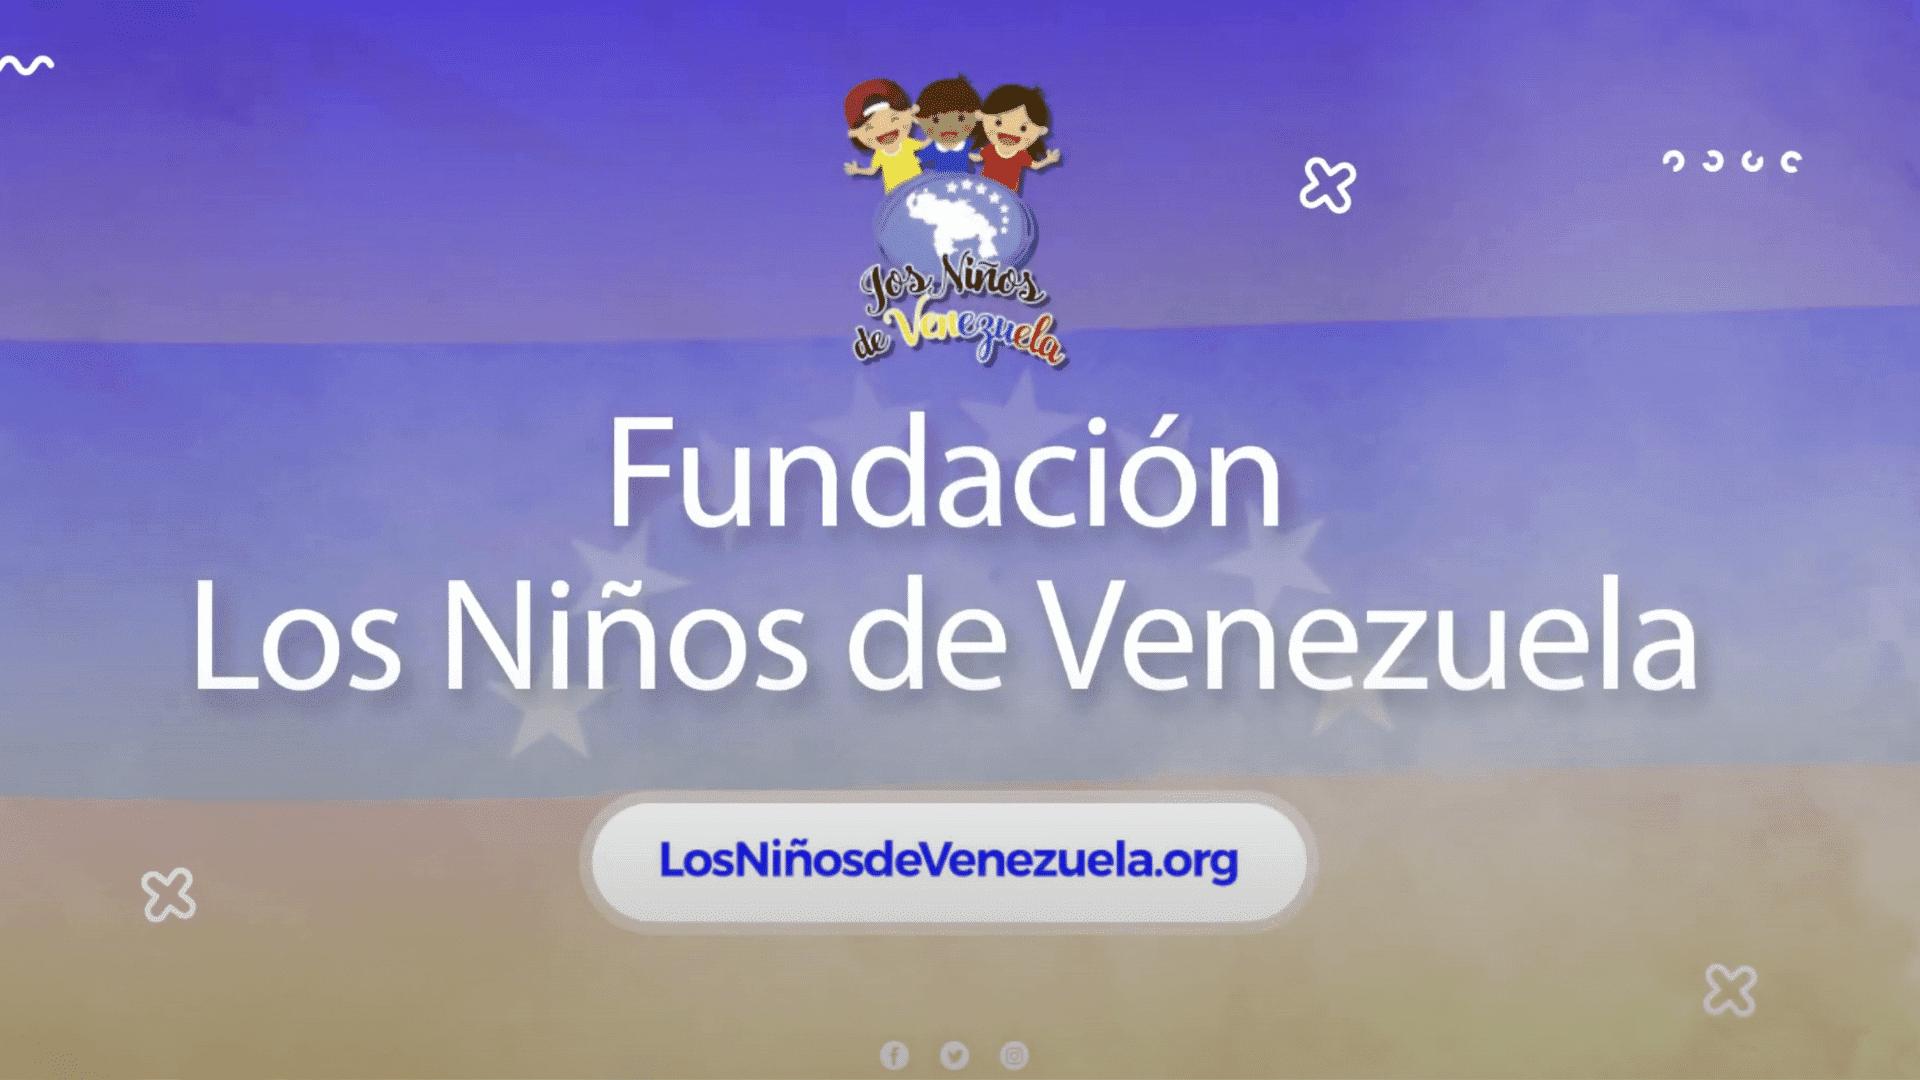 Clientes Alcance Creativo - Los Niños de Venezuela (1)